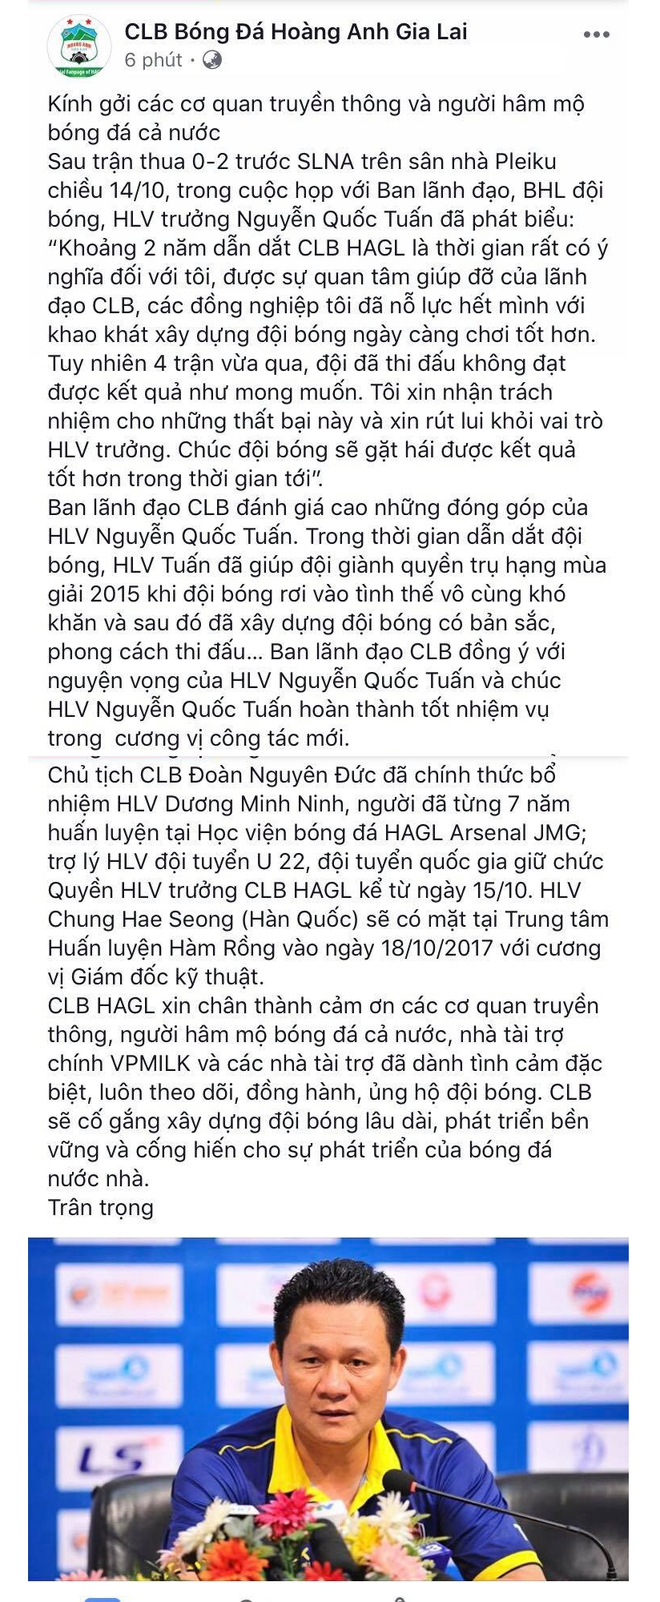 Nóng: HLV Quốc Tuấn từ chức, bầu Đức đưa trợ lý ĐT Việt Nam lên dẫn dắt HAGL - Ảnh 1.